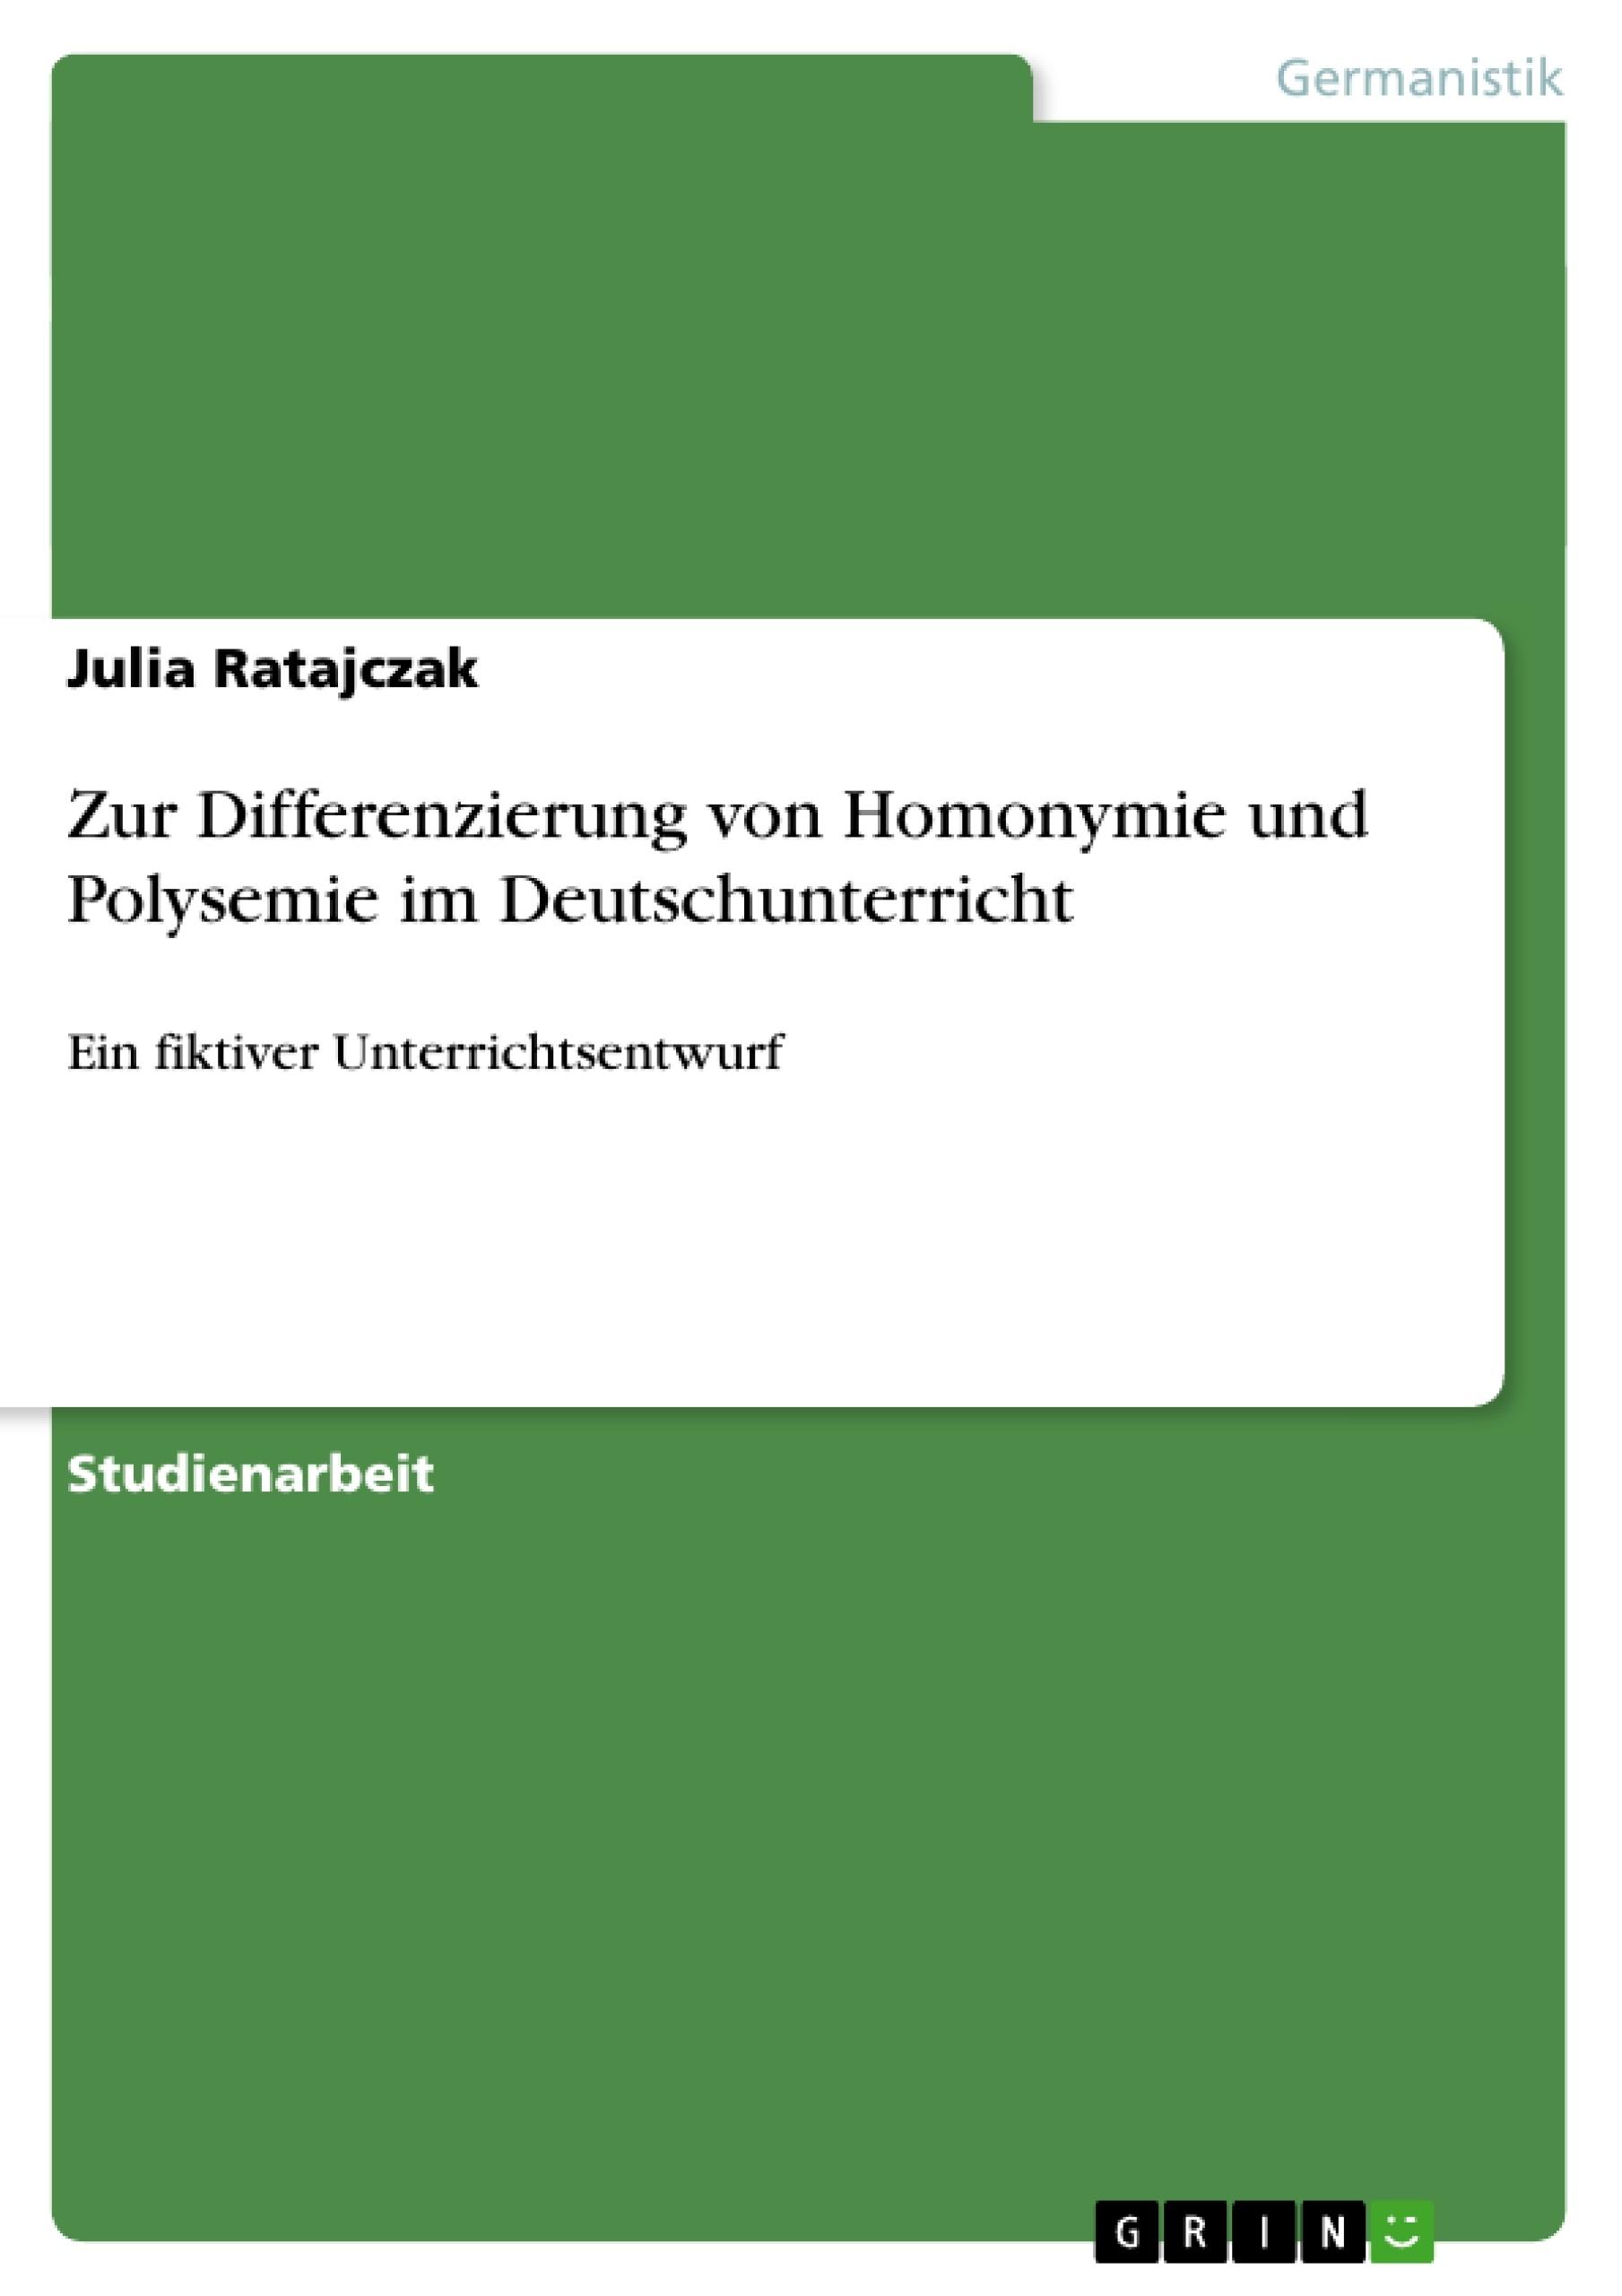 Titel: Zur Differenzierung von Homonymie und Polysemie im Deutschunterricht